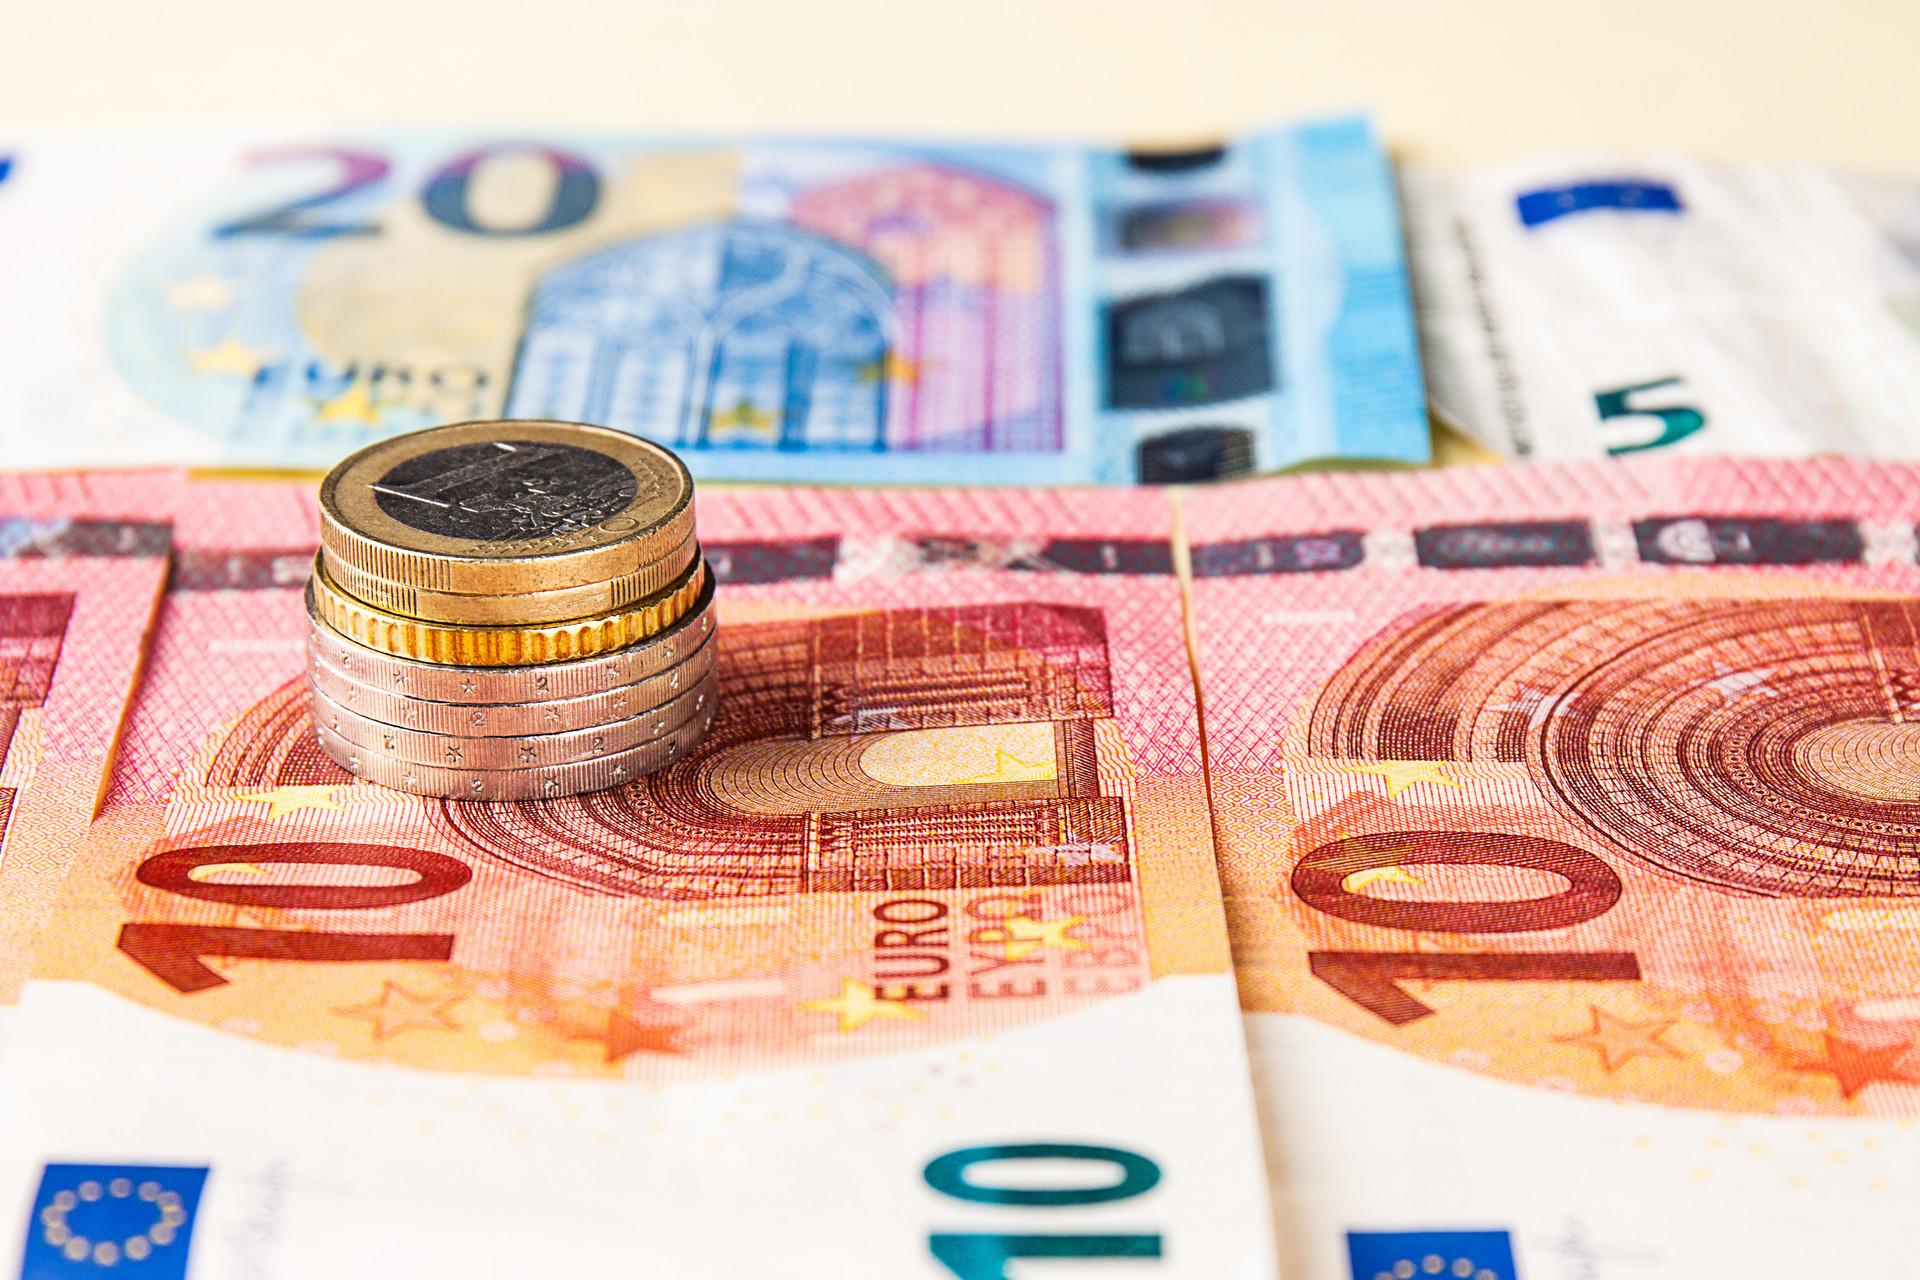 11月末我国外汇储备规模为3.1万亿美元 多名专家解读:账面价值变动主要受汇率影响_债券